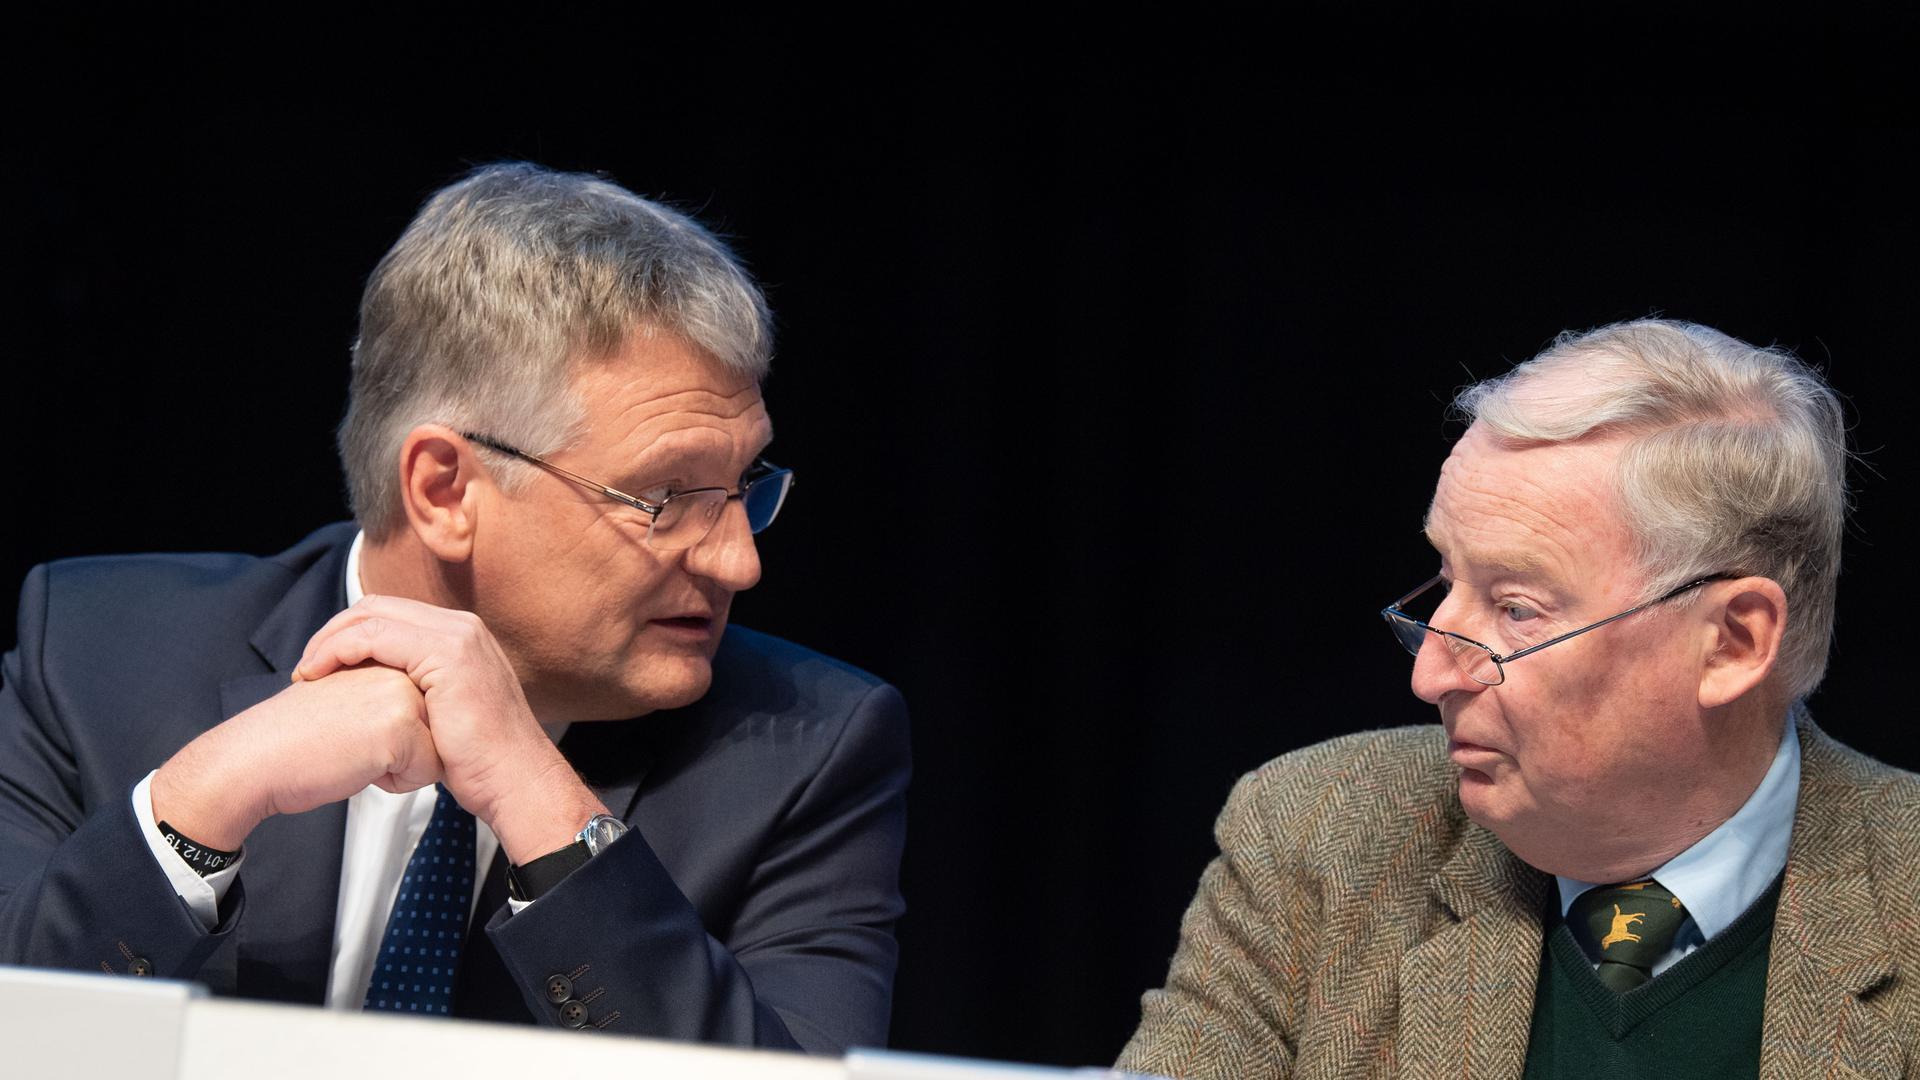 Jörg Meuthen (l), Bundessprecher der AfD, und Alexander Gauland, Bundessprecher der AfD, sitzen beim Parteitag der AfD. +++ dpa-Bildfunk +++